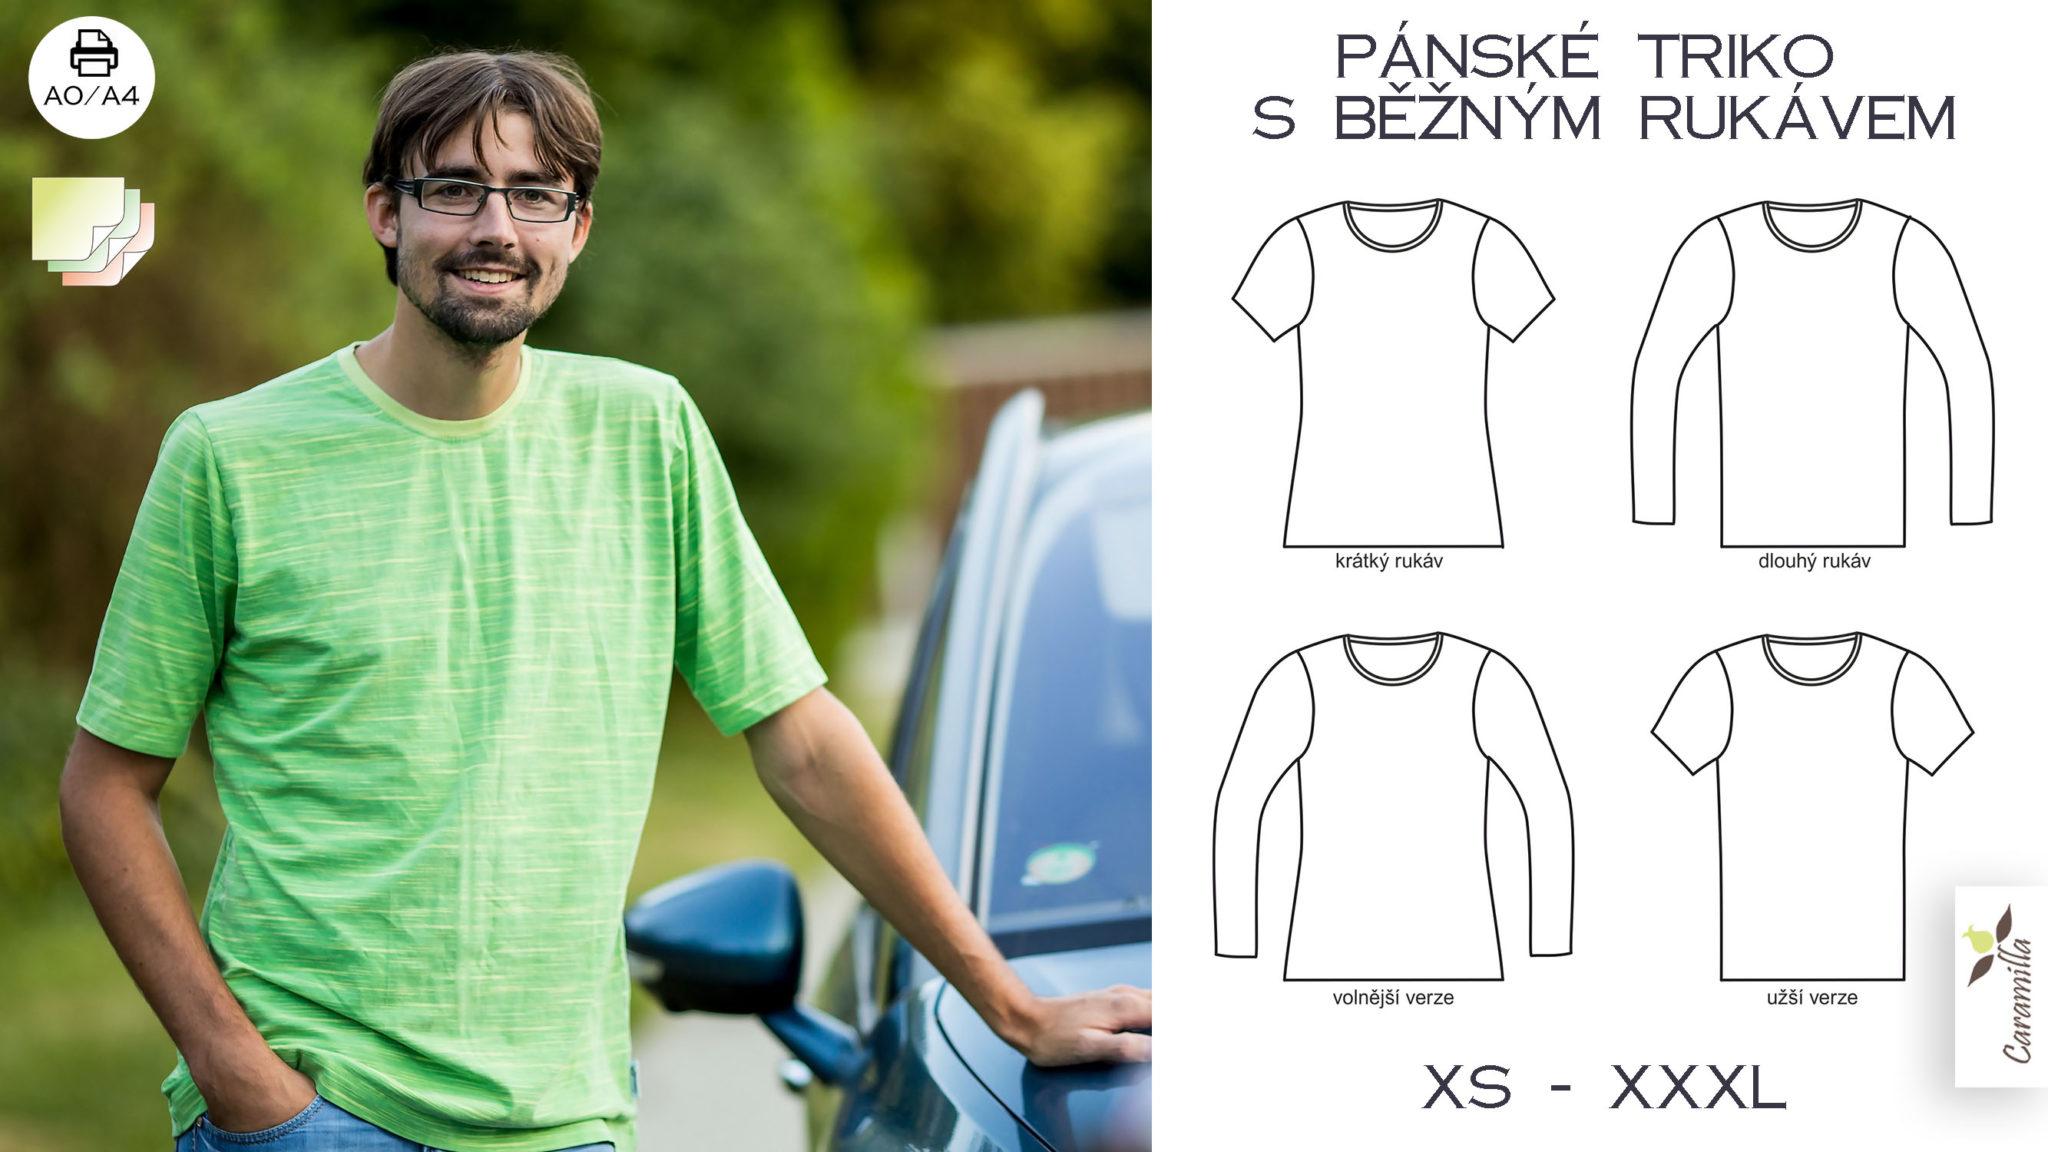 Pánské triko s běžným rukávem (střih a návod)